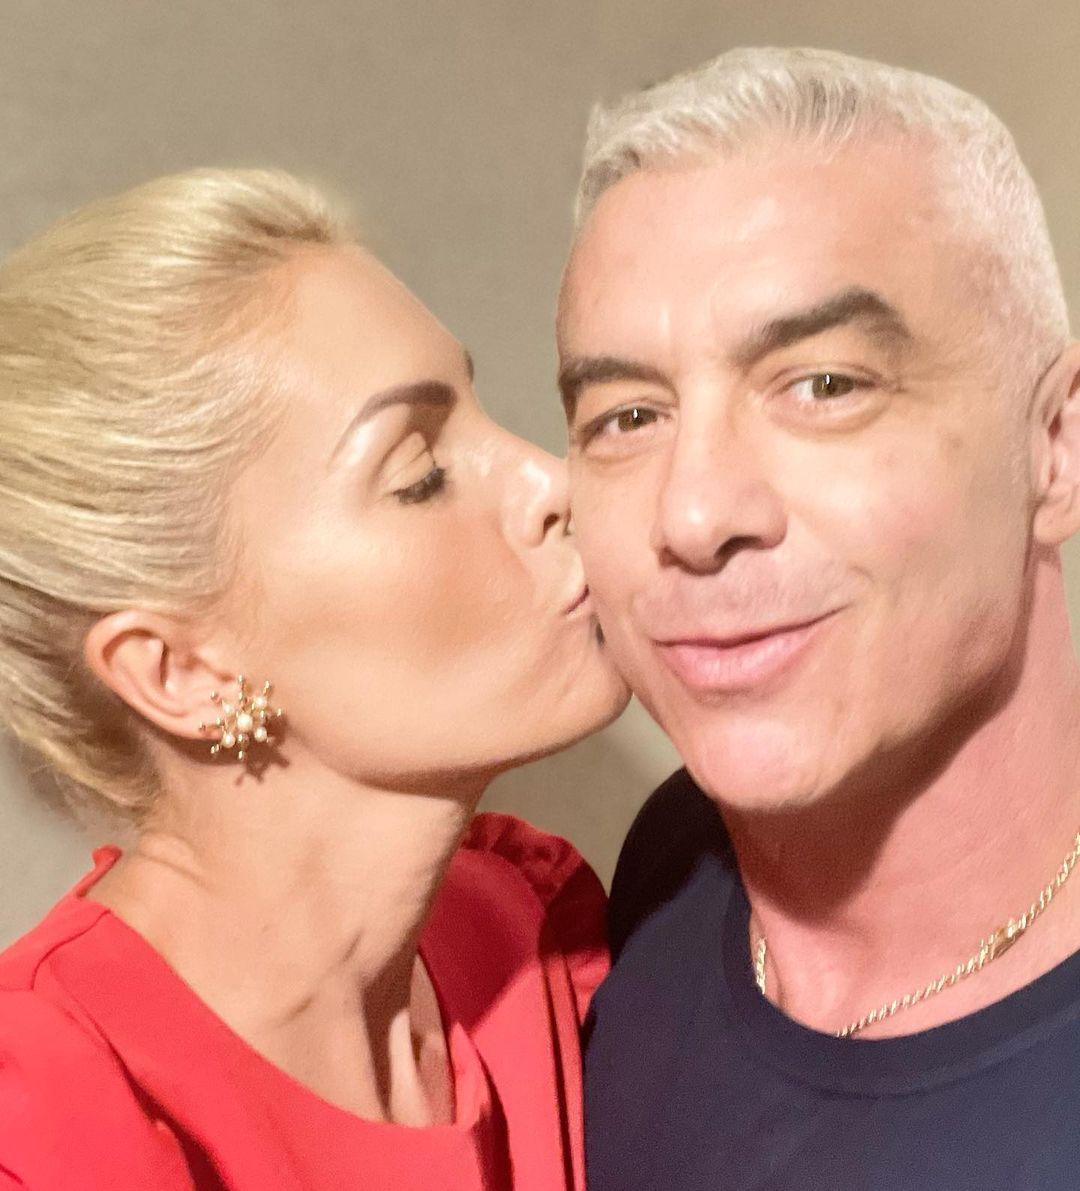 Ana Hickmann beija esposo no rosto em selfie.